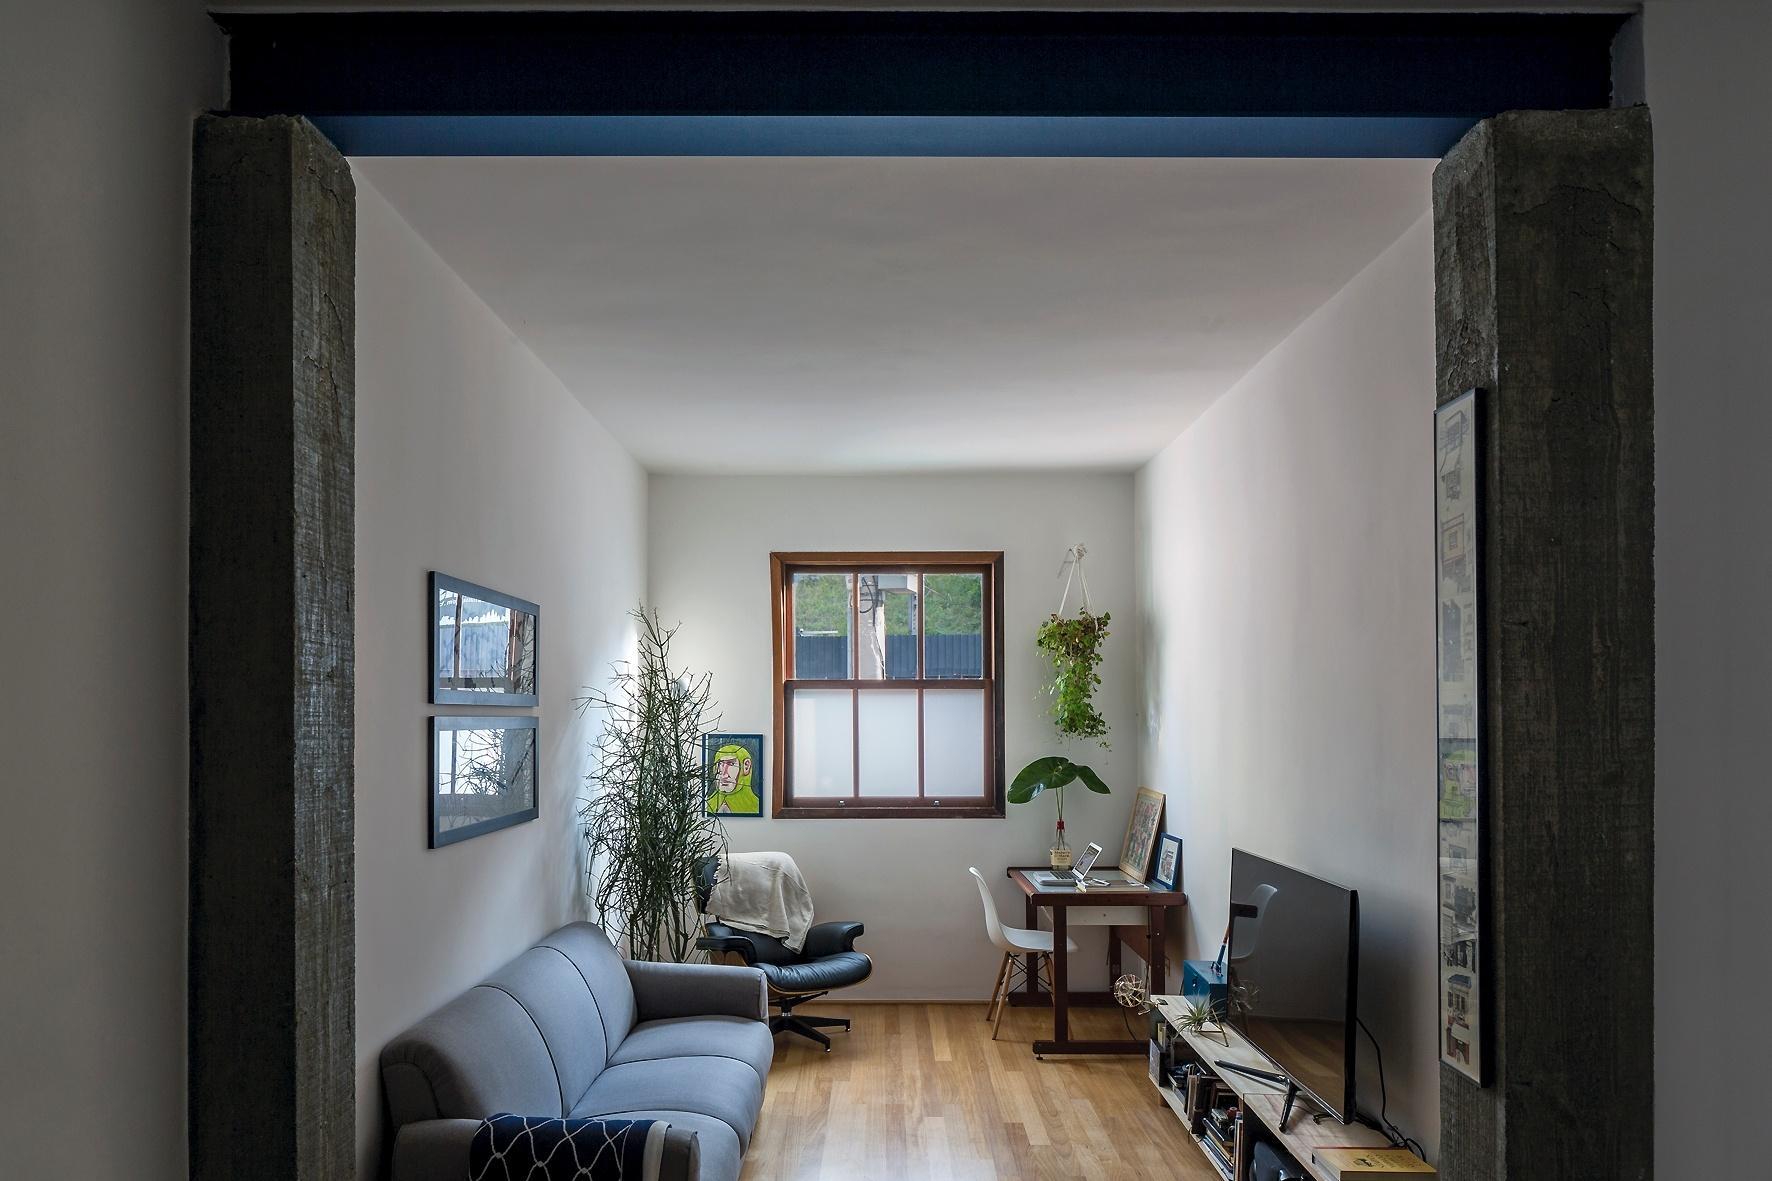 Voltado para a rua, o estar principal tem ambientação singela, com móveis em cores neutras e sóbrias: à esquerda, o destaque é uma poltrona desenhada por Charles e Ray Eames. Os pilares em concreto aparente emolduram o espaço, com reforma capitaneada pelo escritório Vapor 324